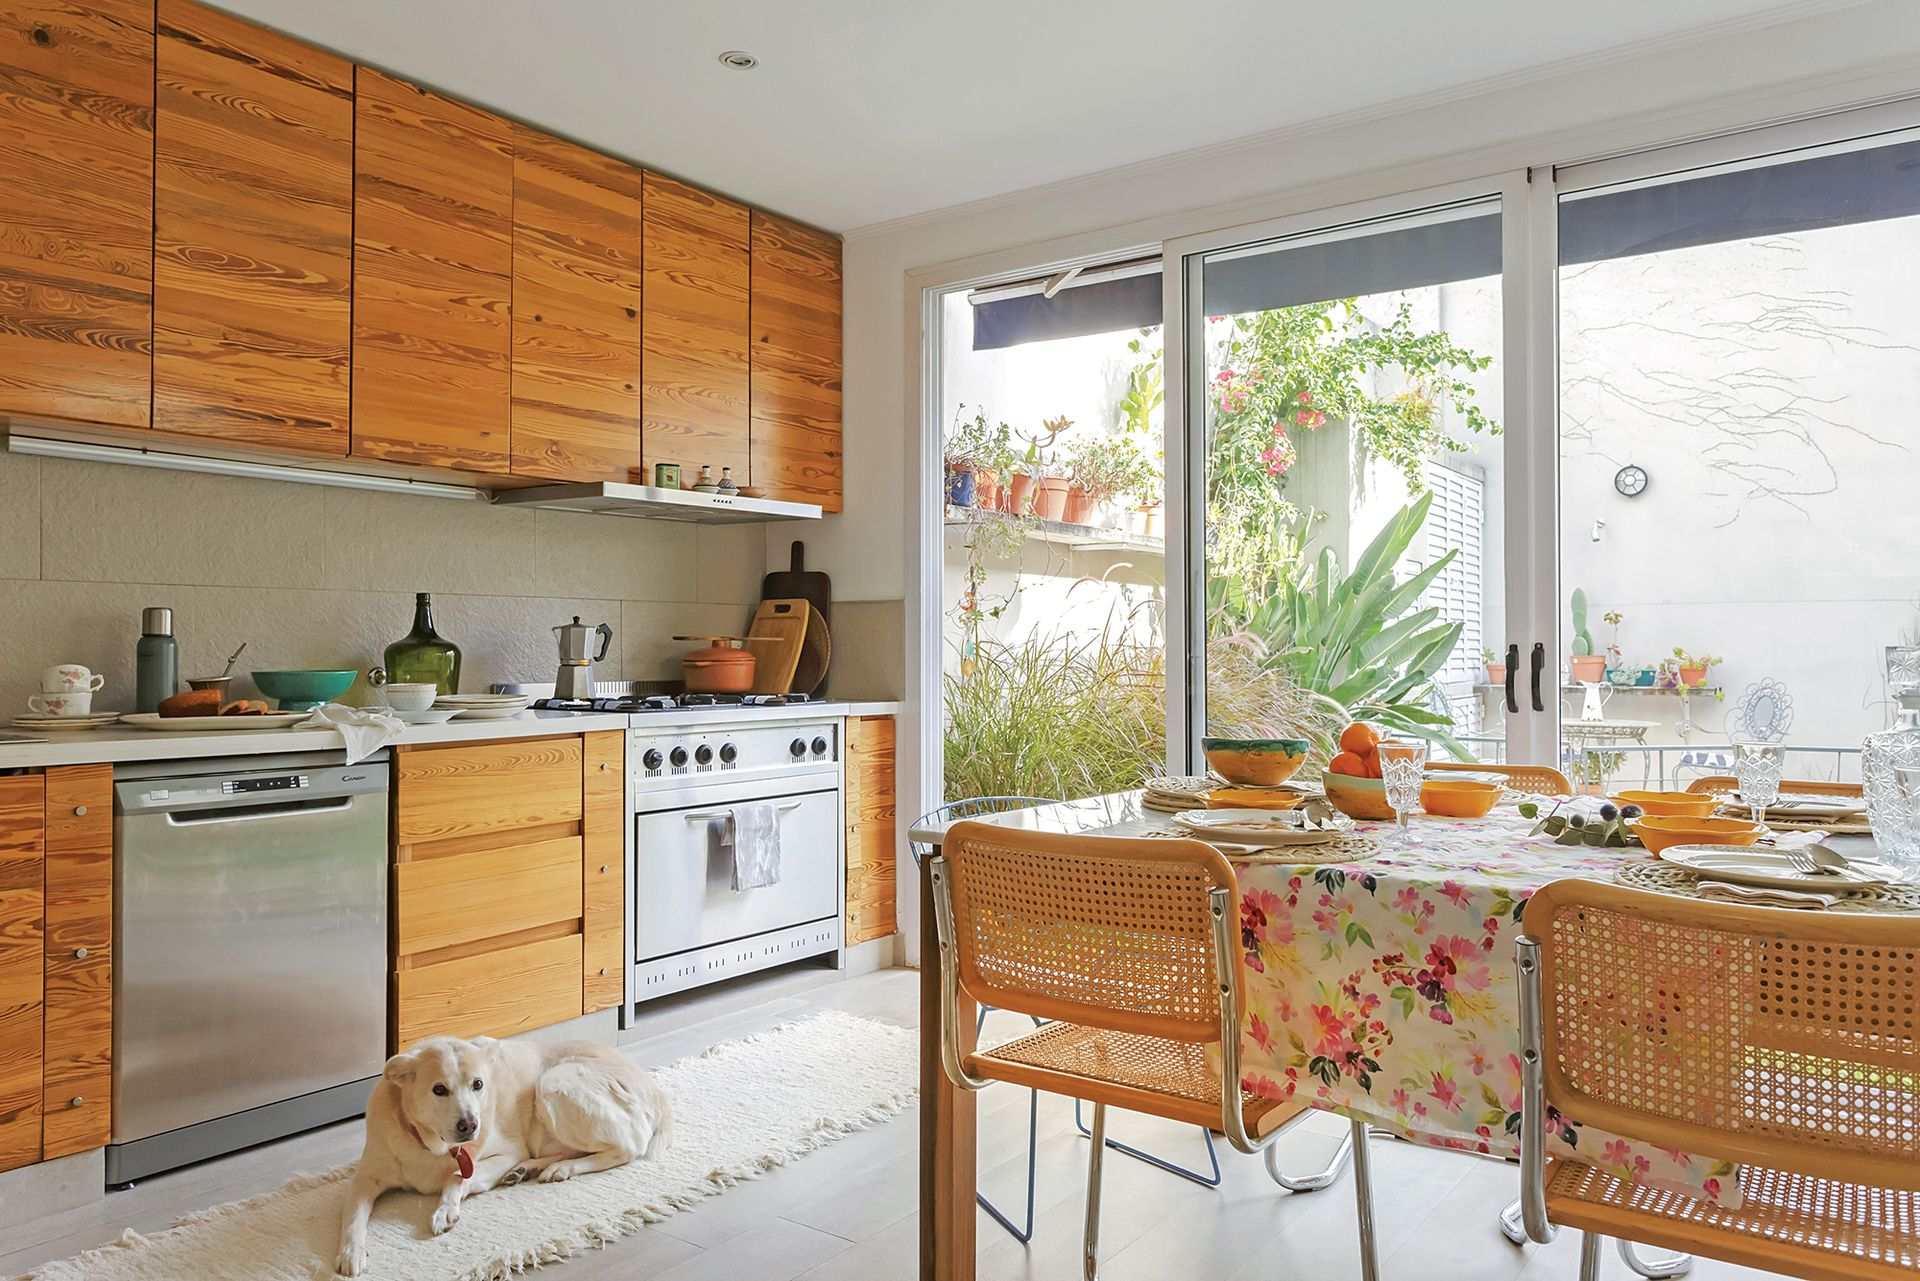 Sin herrajes, el mueble de cocina fue concebido por el dueño de casa como una pared de madera que exalta las vetas de la pino tea. Una nueva tendencia que reúne calidez y fácil mantenimiento: pisos cementicios imitación madera (Portobello).